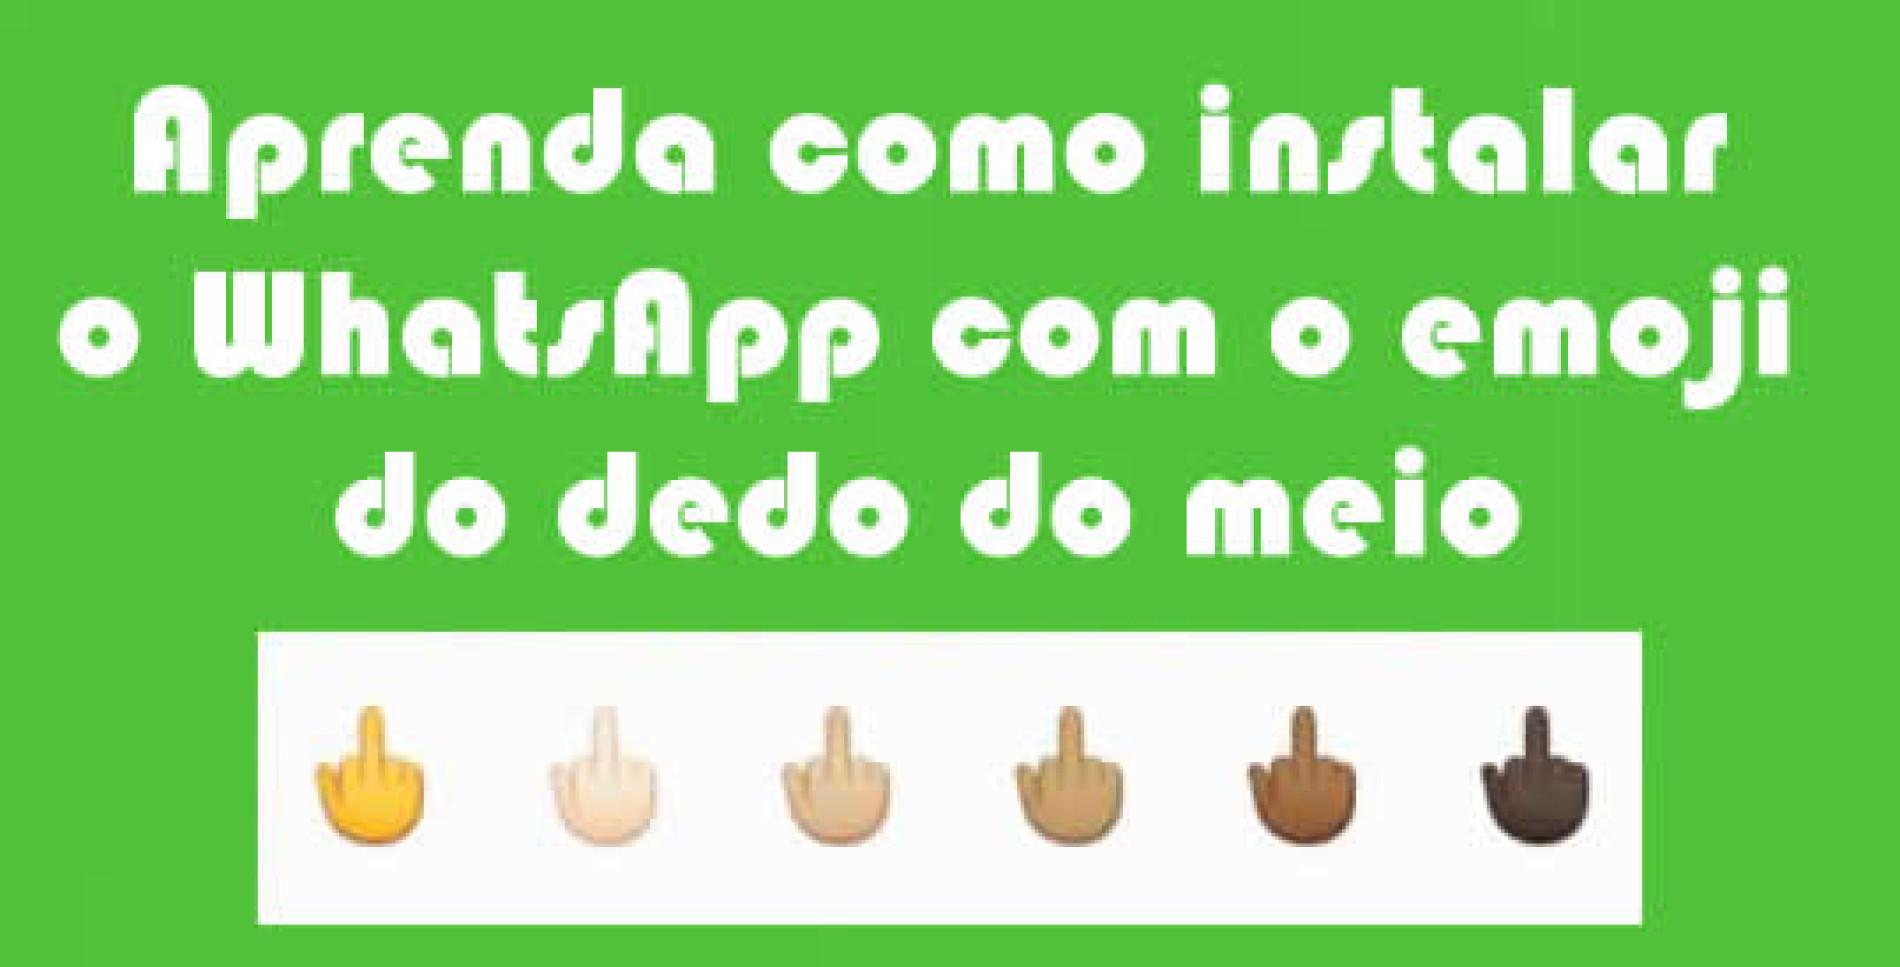 Como instalar novo WhatsApp com emoji dedo do meio